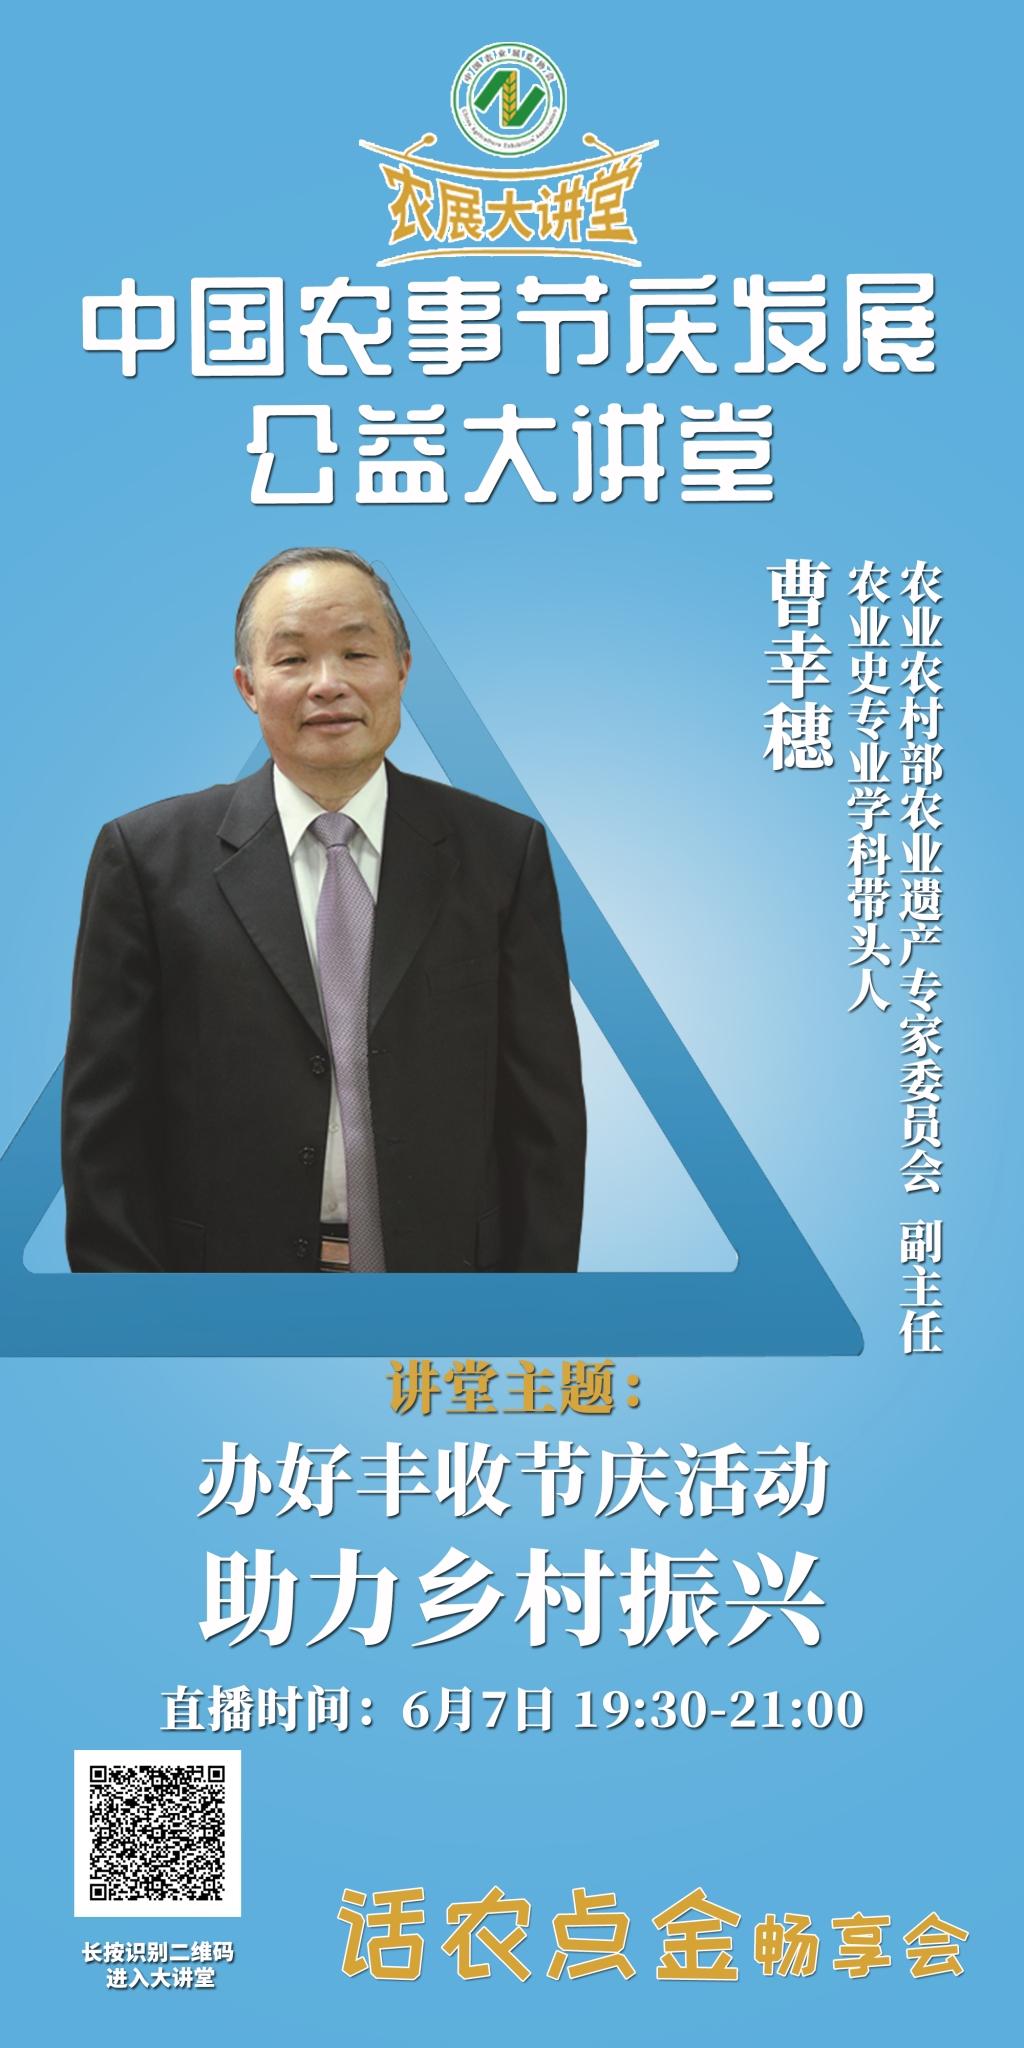 【农展大讲堂·第14期】6月7日(周日)中国农事节庆发展公益大讲堂第五期